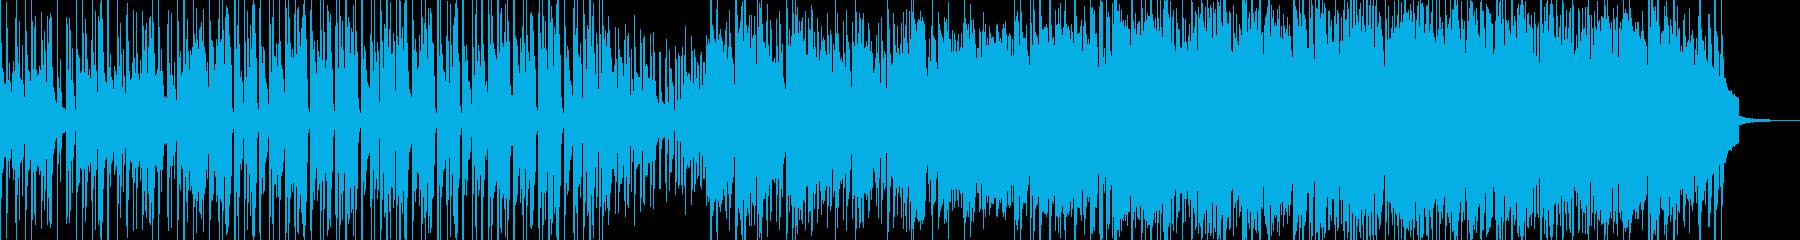 爽やかなポップのフュージョン系の再生済みの波形